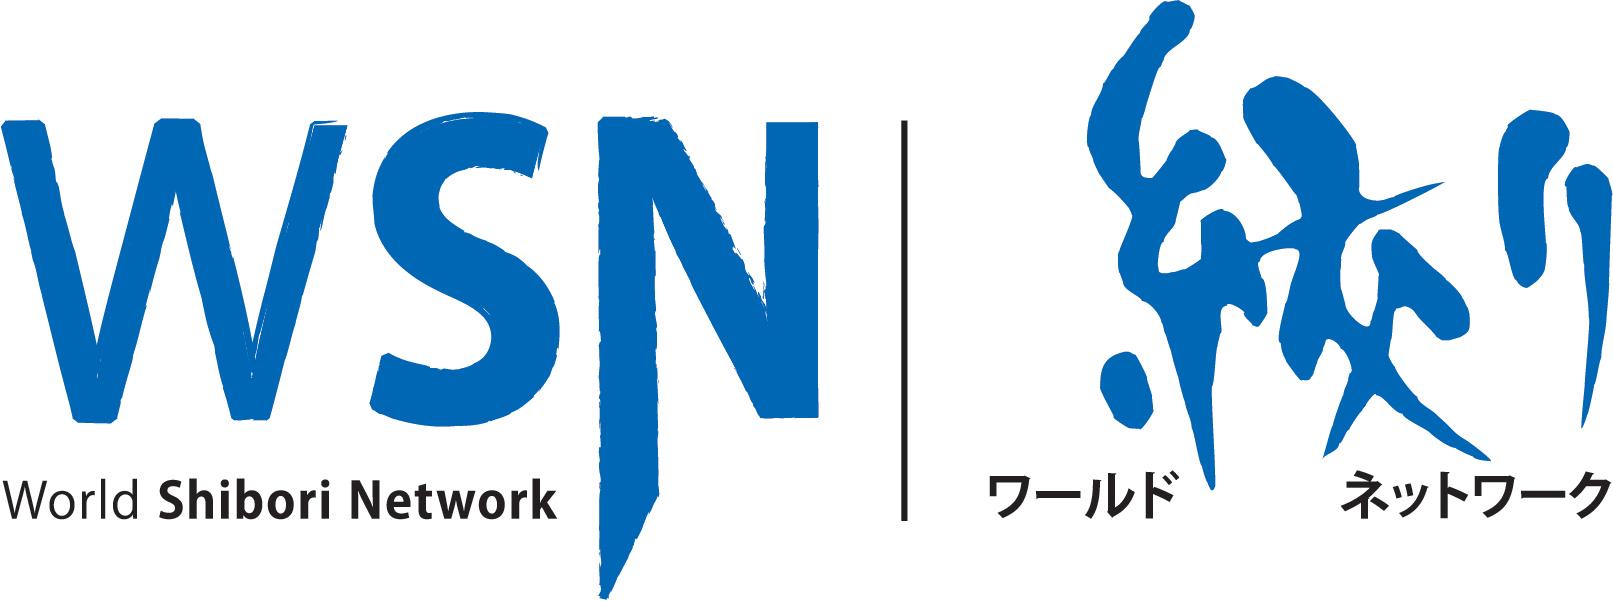 Logo-WSN-Jpn_final_RGB.jpg